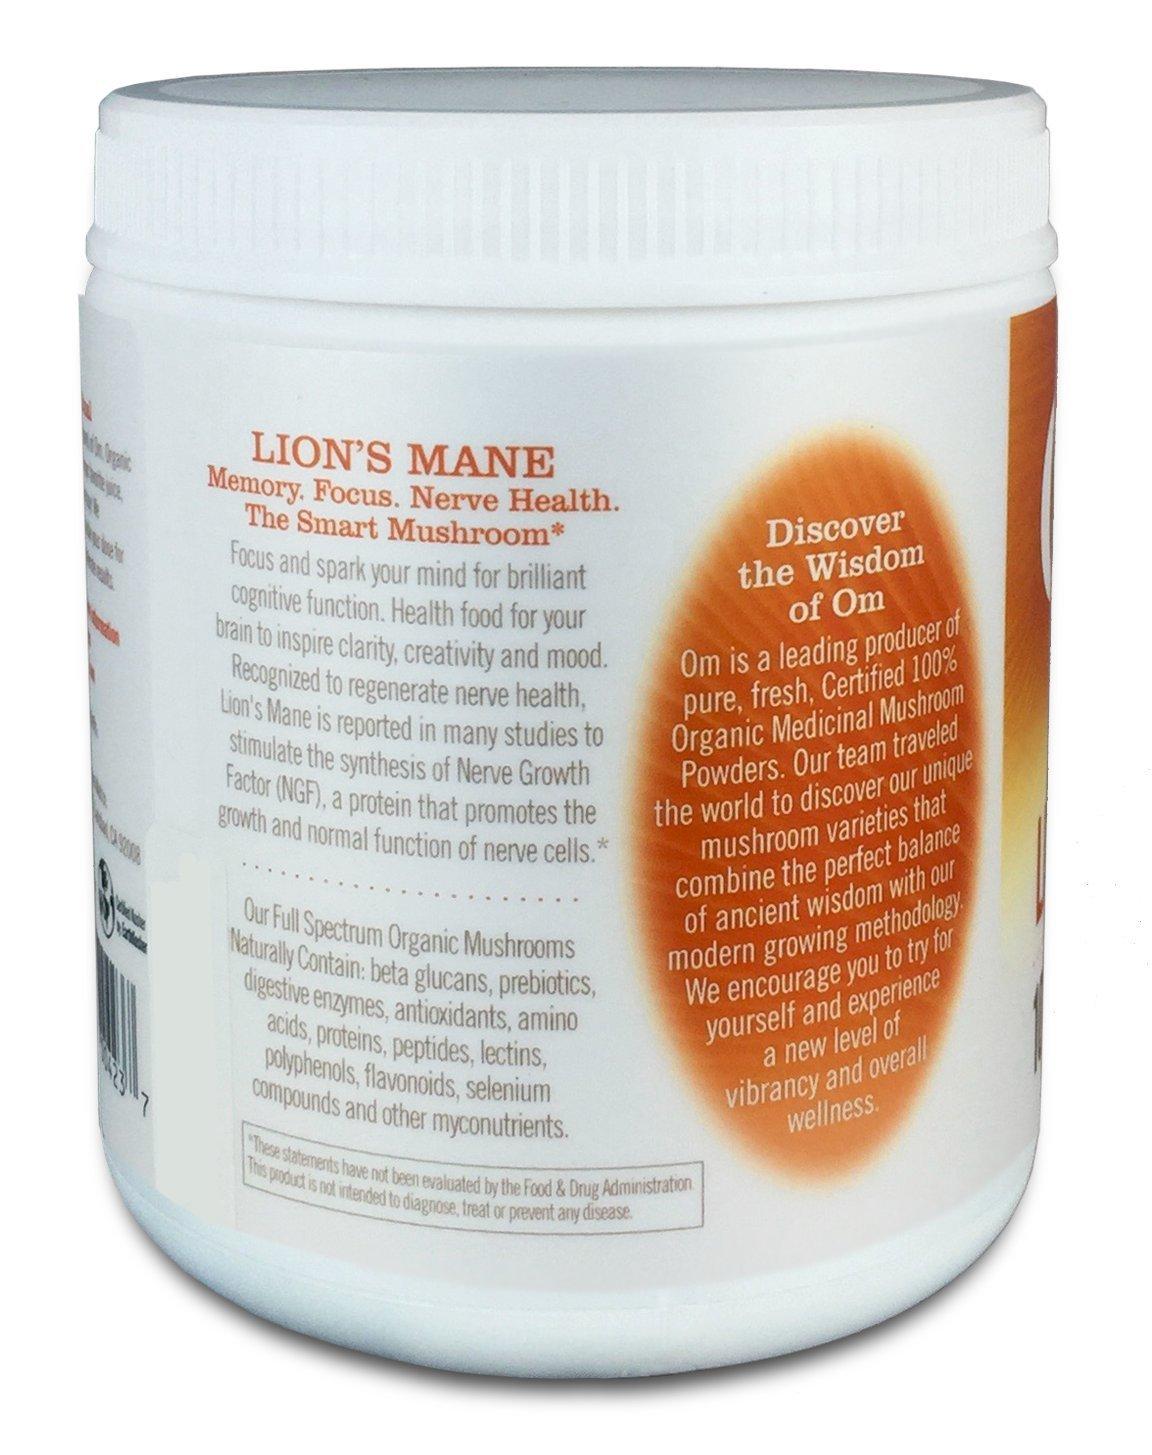 อาหารเสริม เห็ด ยี่ห้อที่ขายดีเป็นอันดับที่ 2 ของอเมริกา อาหารเสริม เห็ด ยี่ห้อ Om Organic Mushroom Nutrition Lion's Mane